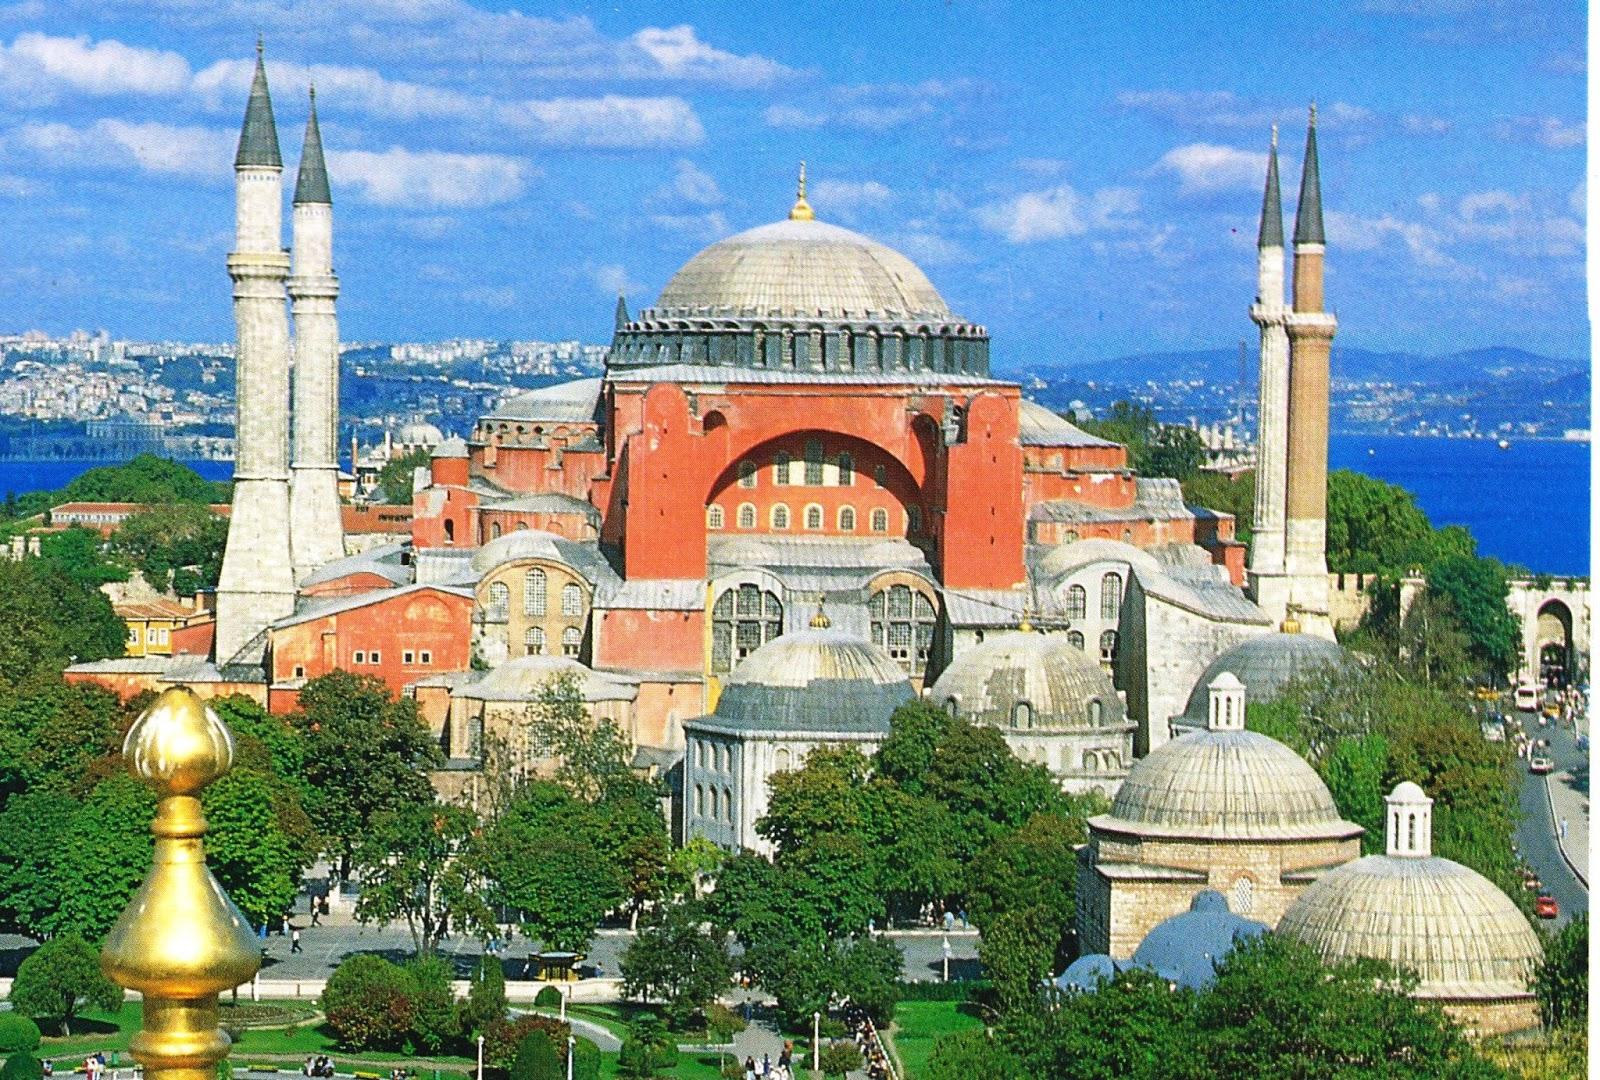 türkiye turistik yerler ile ilgili görsel sonucu